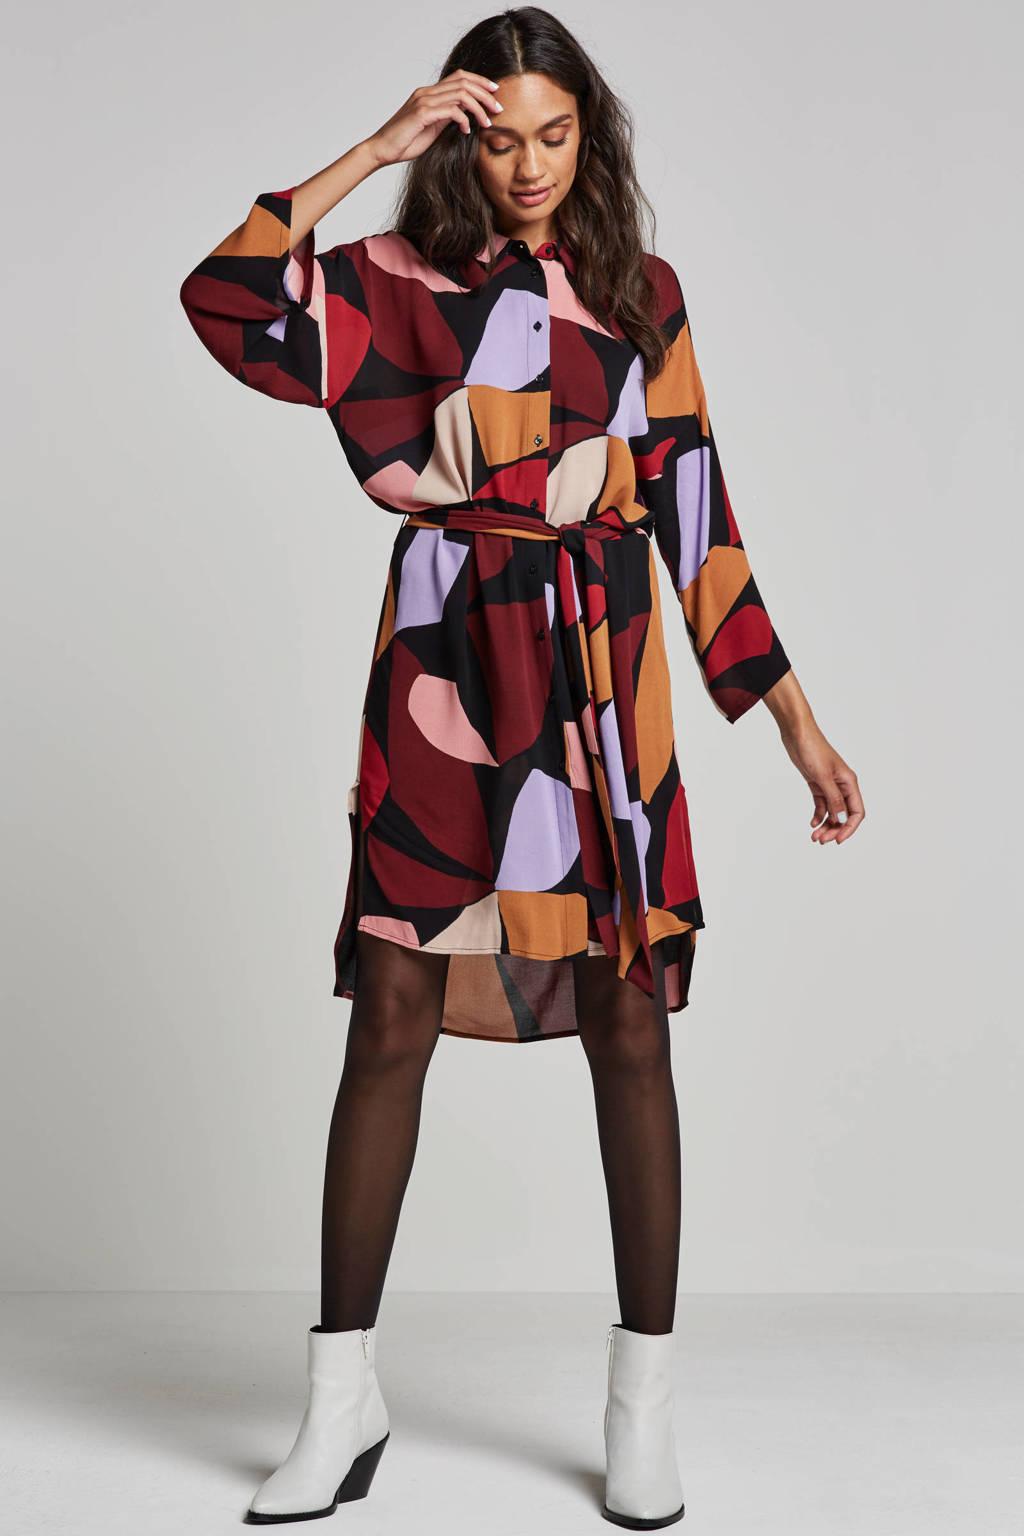 Inwear Vexi jurk, Bordeaux rood